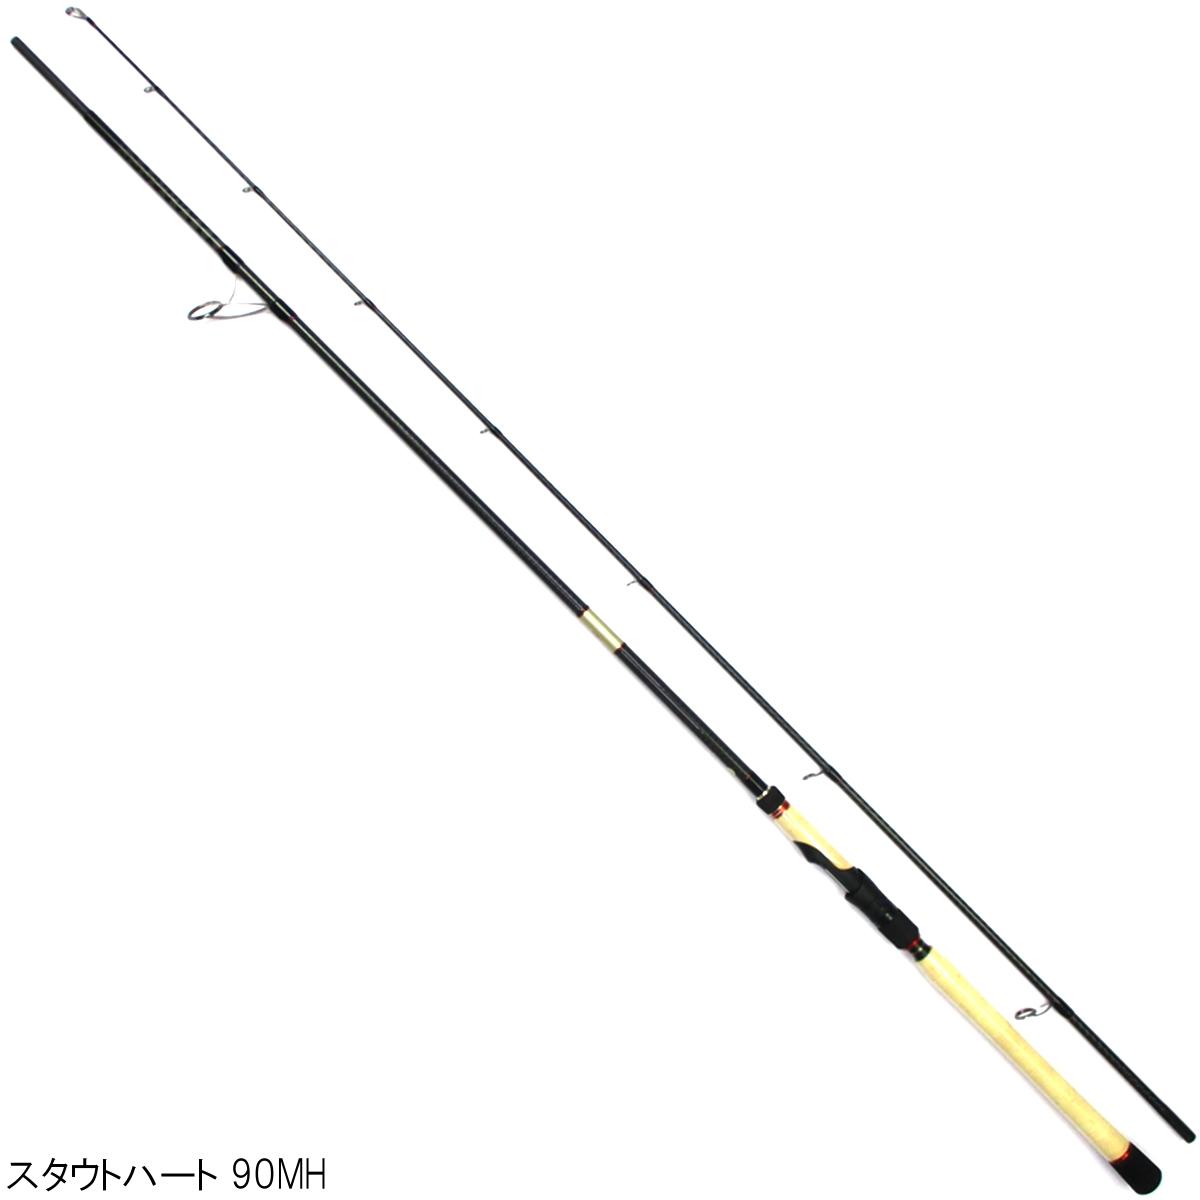 アピア Foojin'AD スタウトハート 90MH【大型商品】